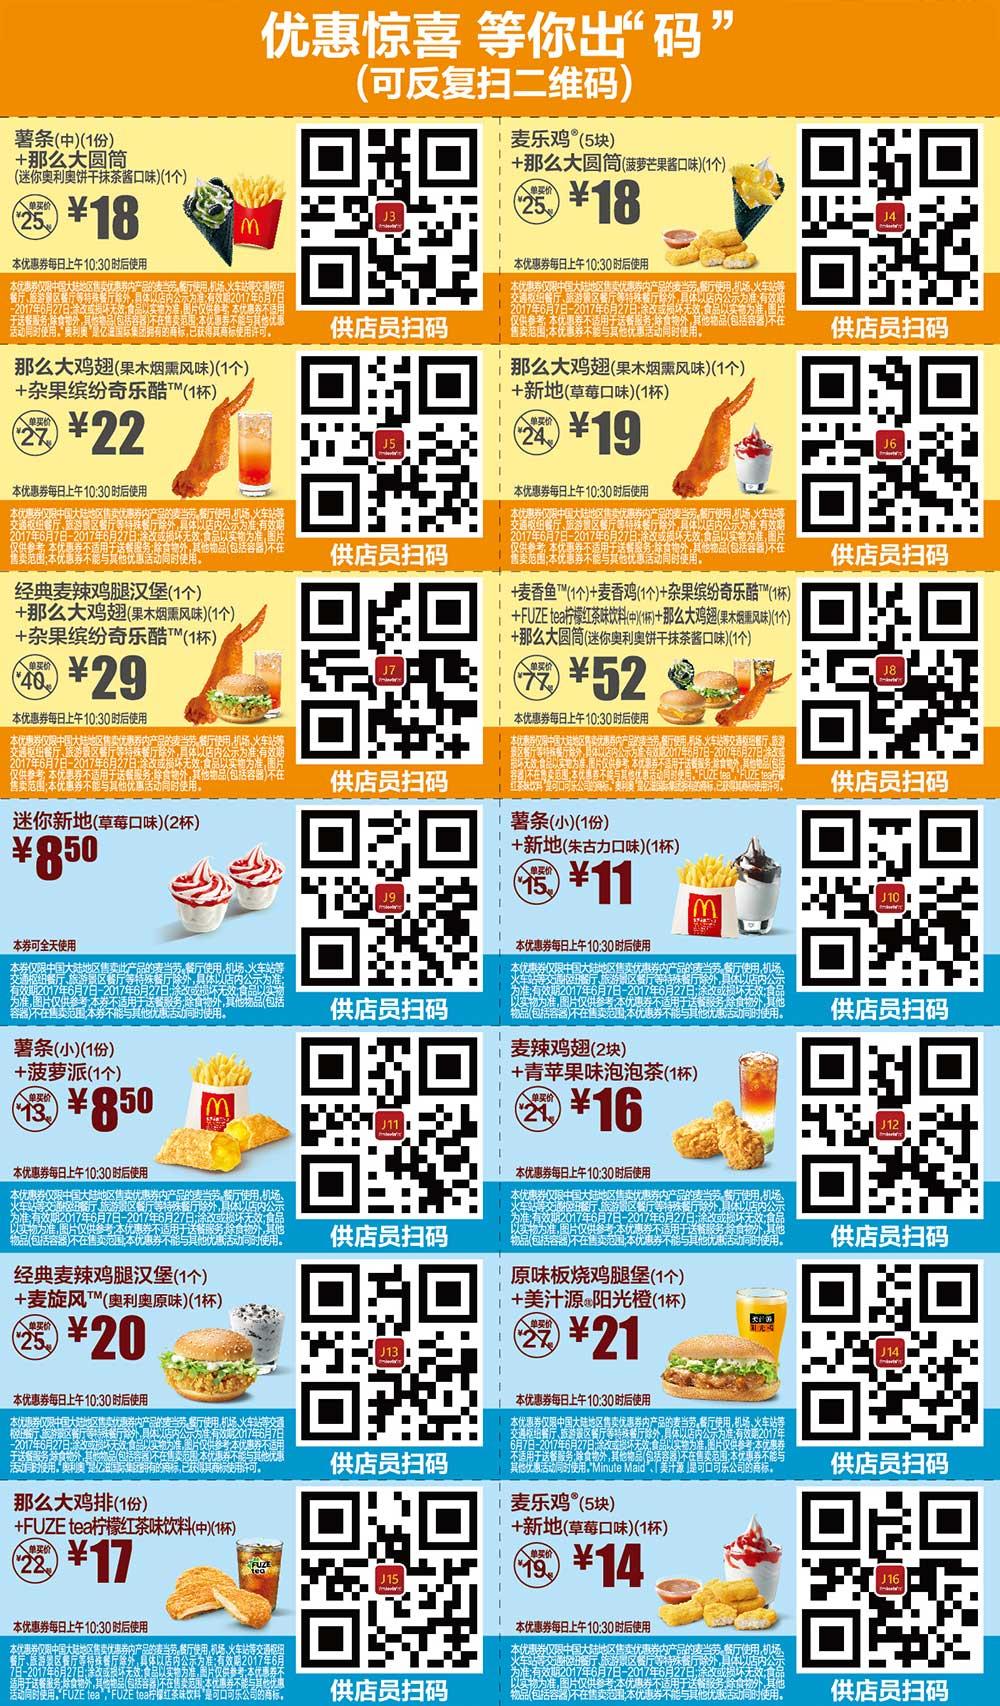 2017年6月份麦当劳优惠券手机版整张版本,点餐出示给店员扫码享优惠 有效期至:2017年6月27日 www.5ikfc.com